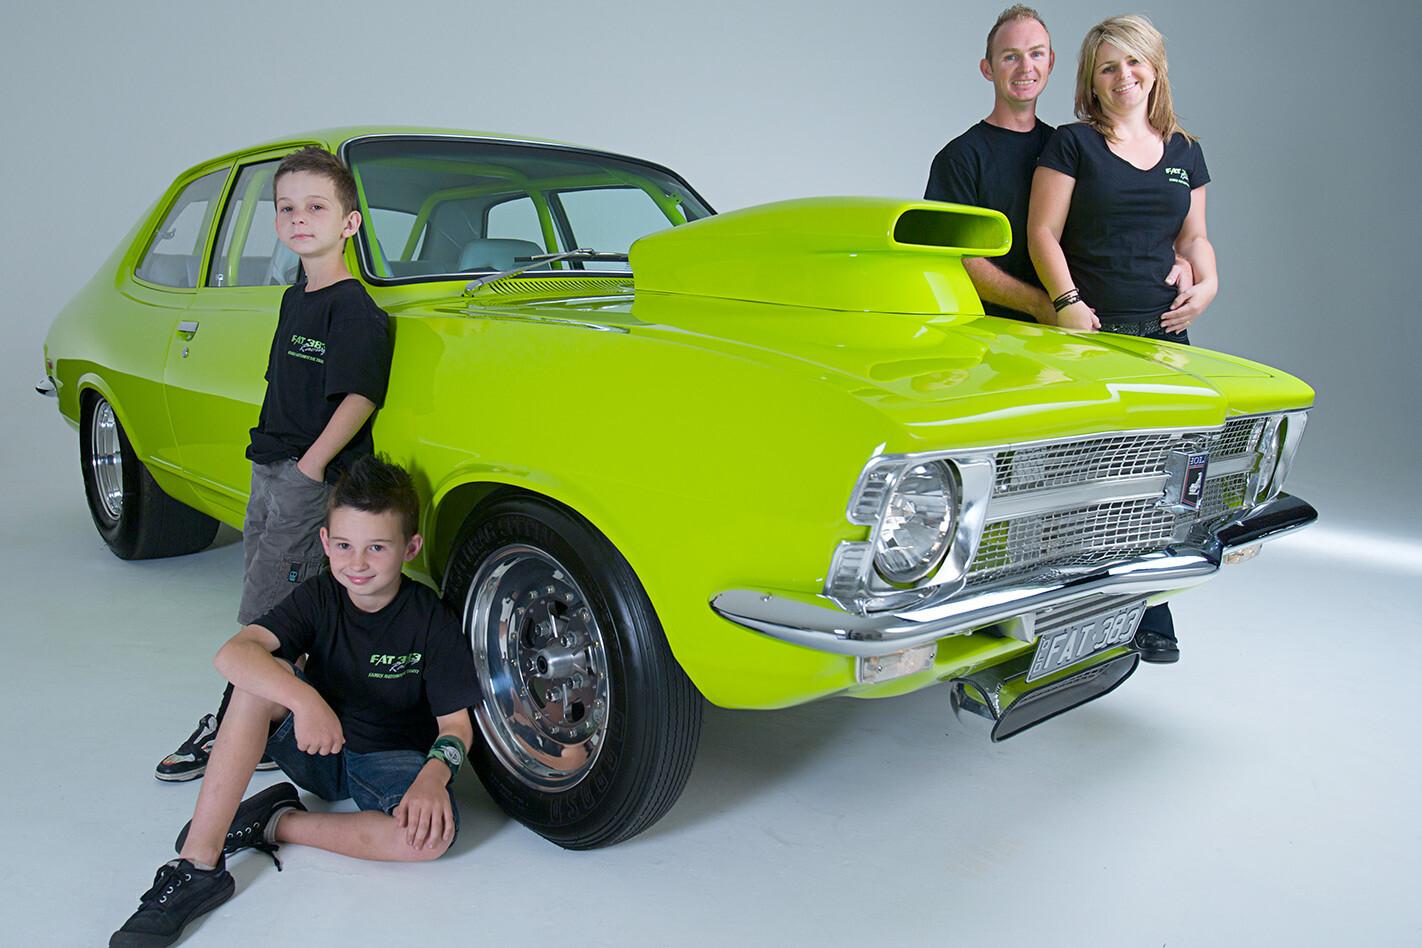 Tony Wilkins and family